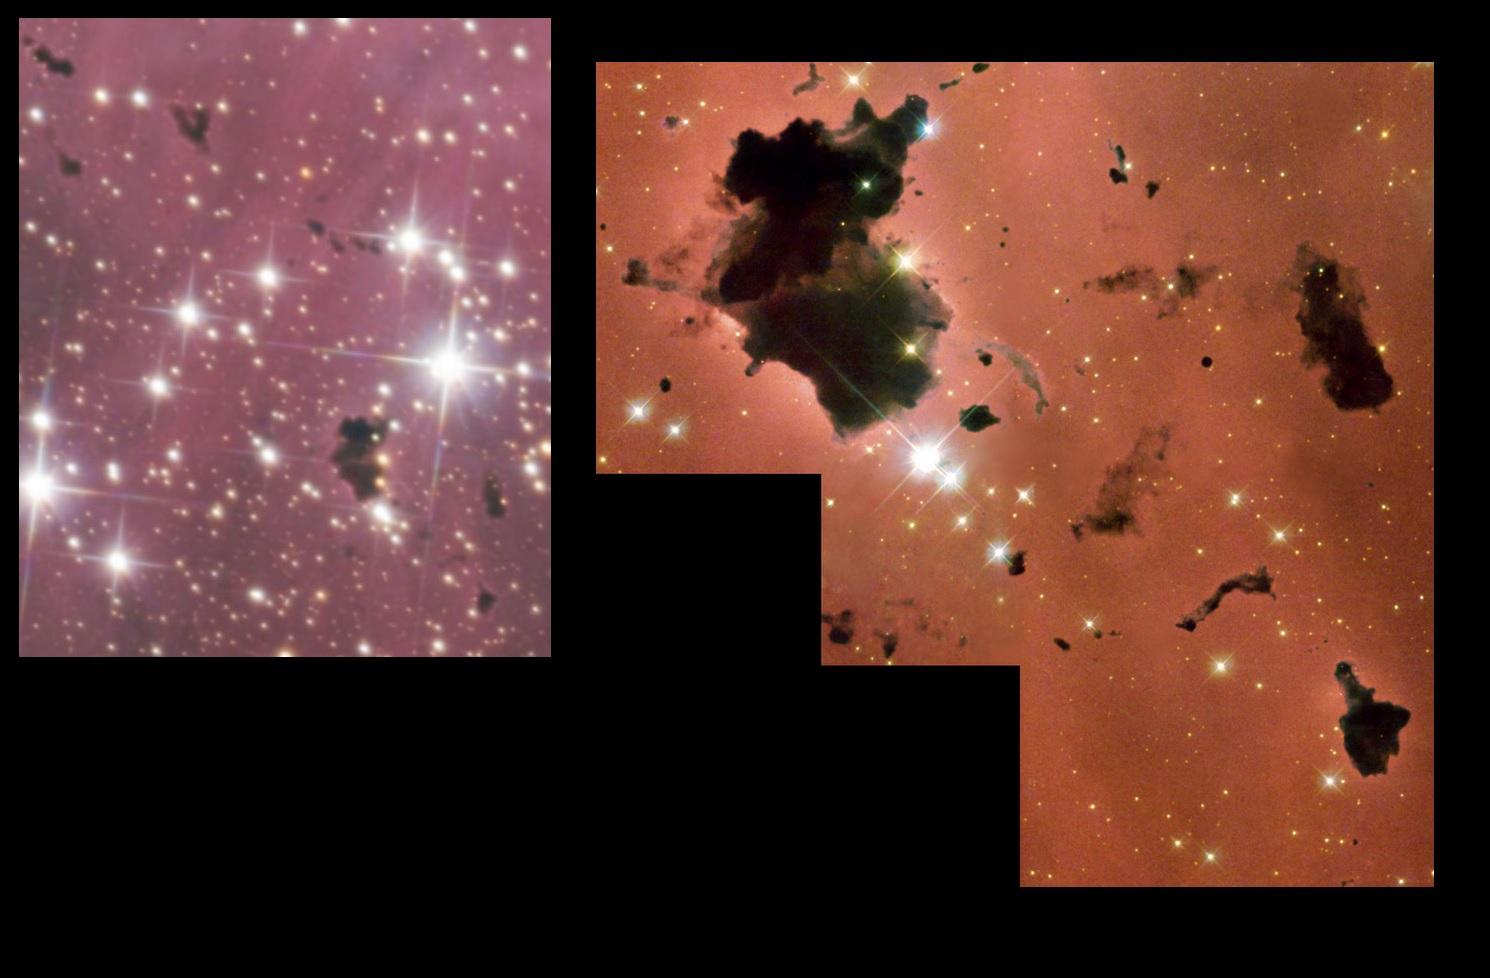 gros plan sur les globules de Thackeray, comparaison avec une image prise par le télescope spatial Hubble.